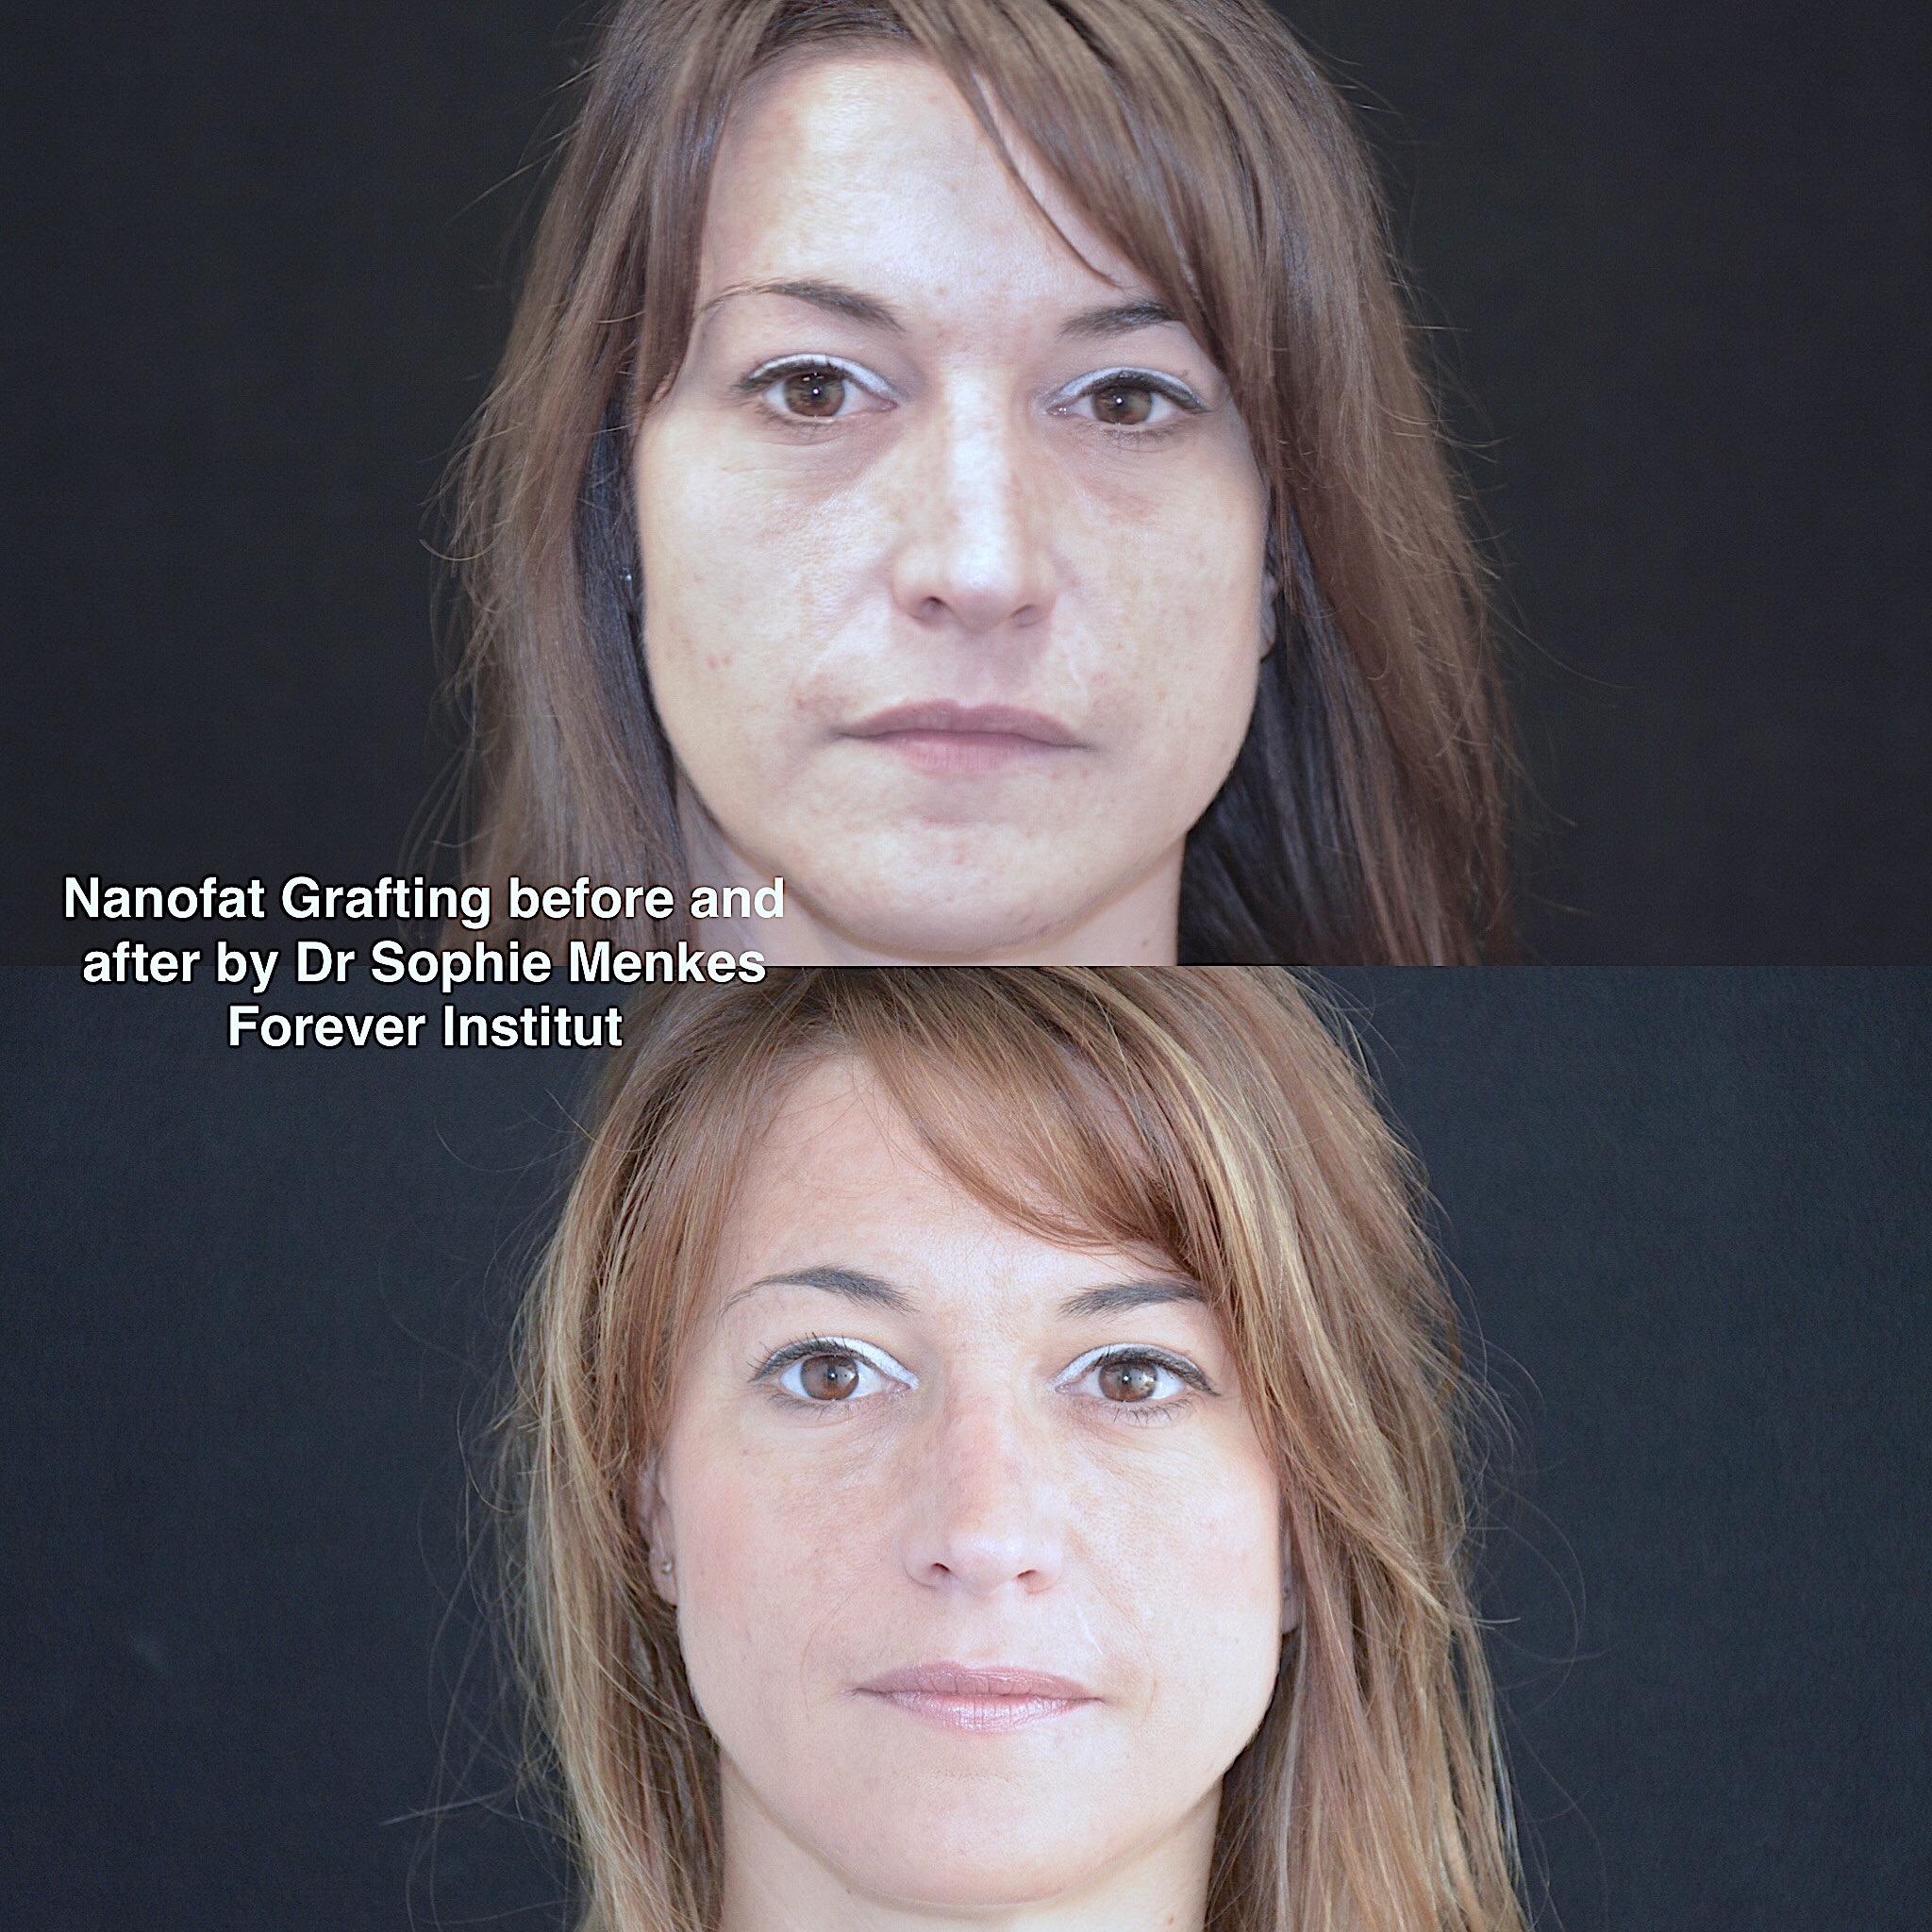 Rajeunissement aspect de la peau avec Nanofat